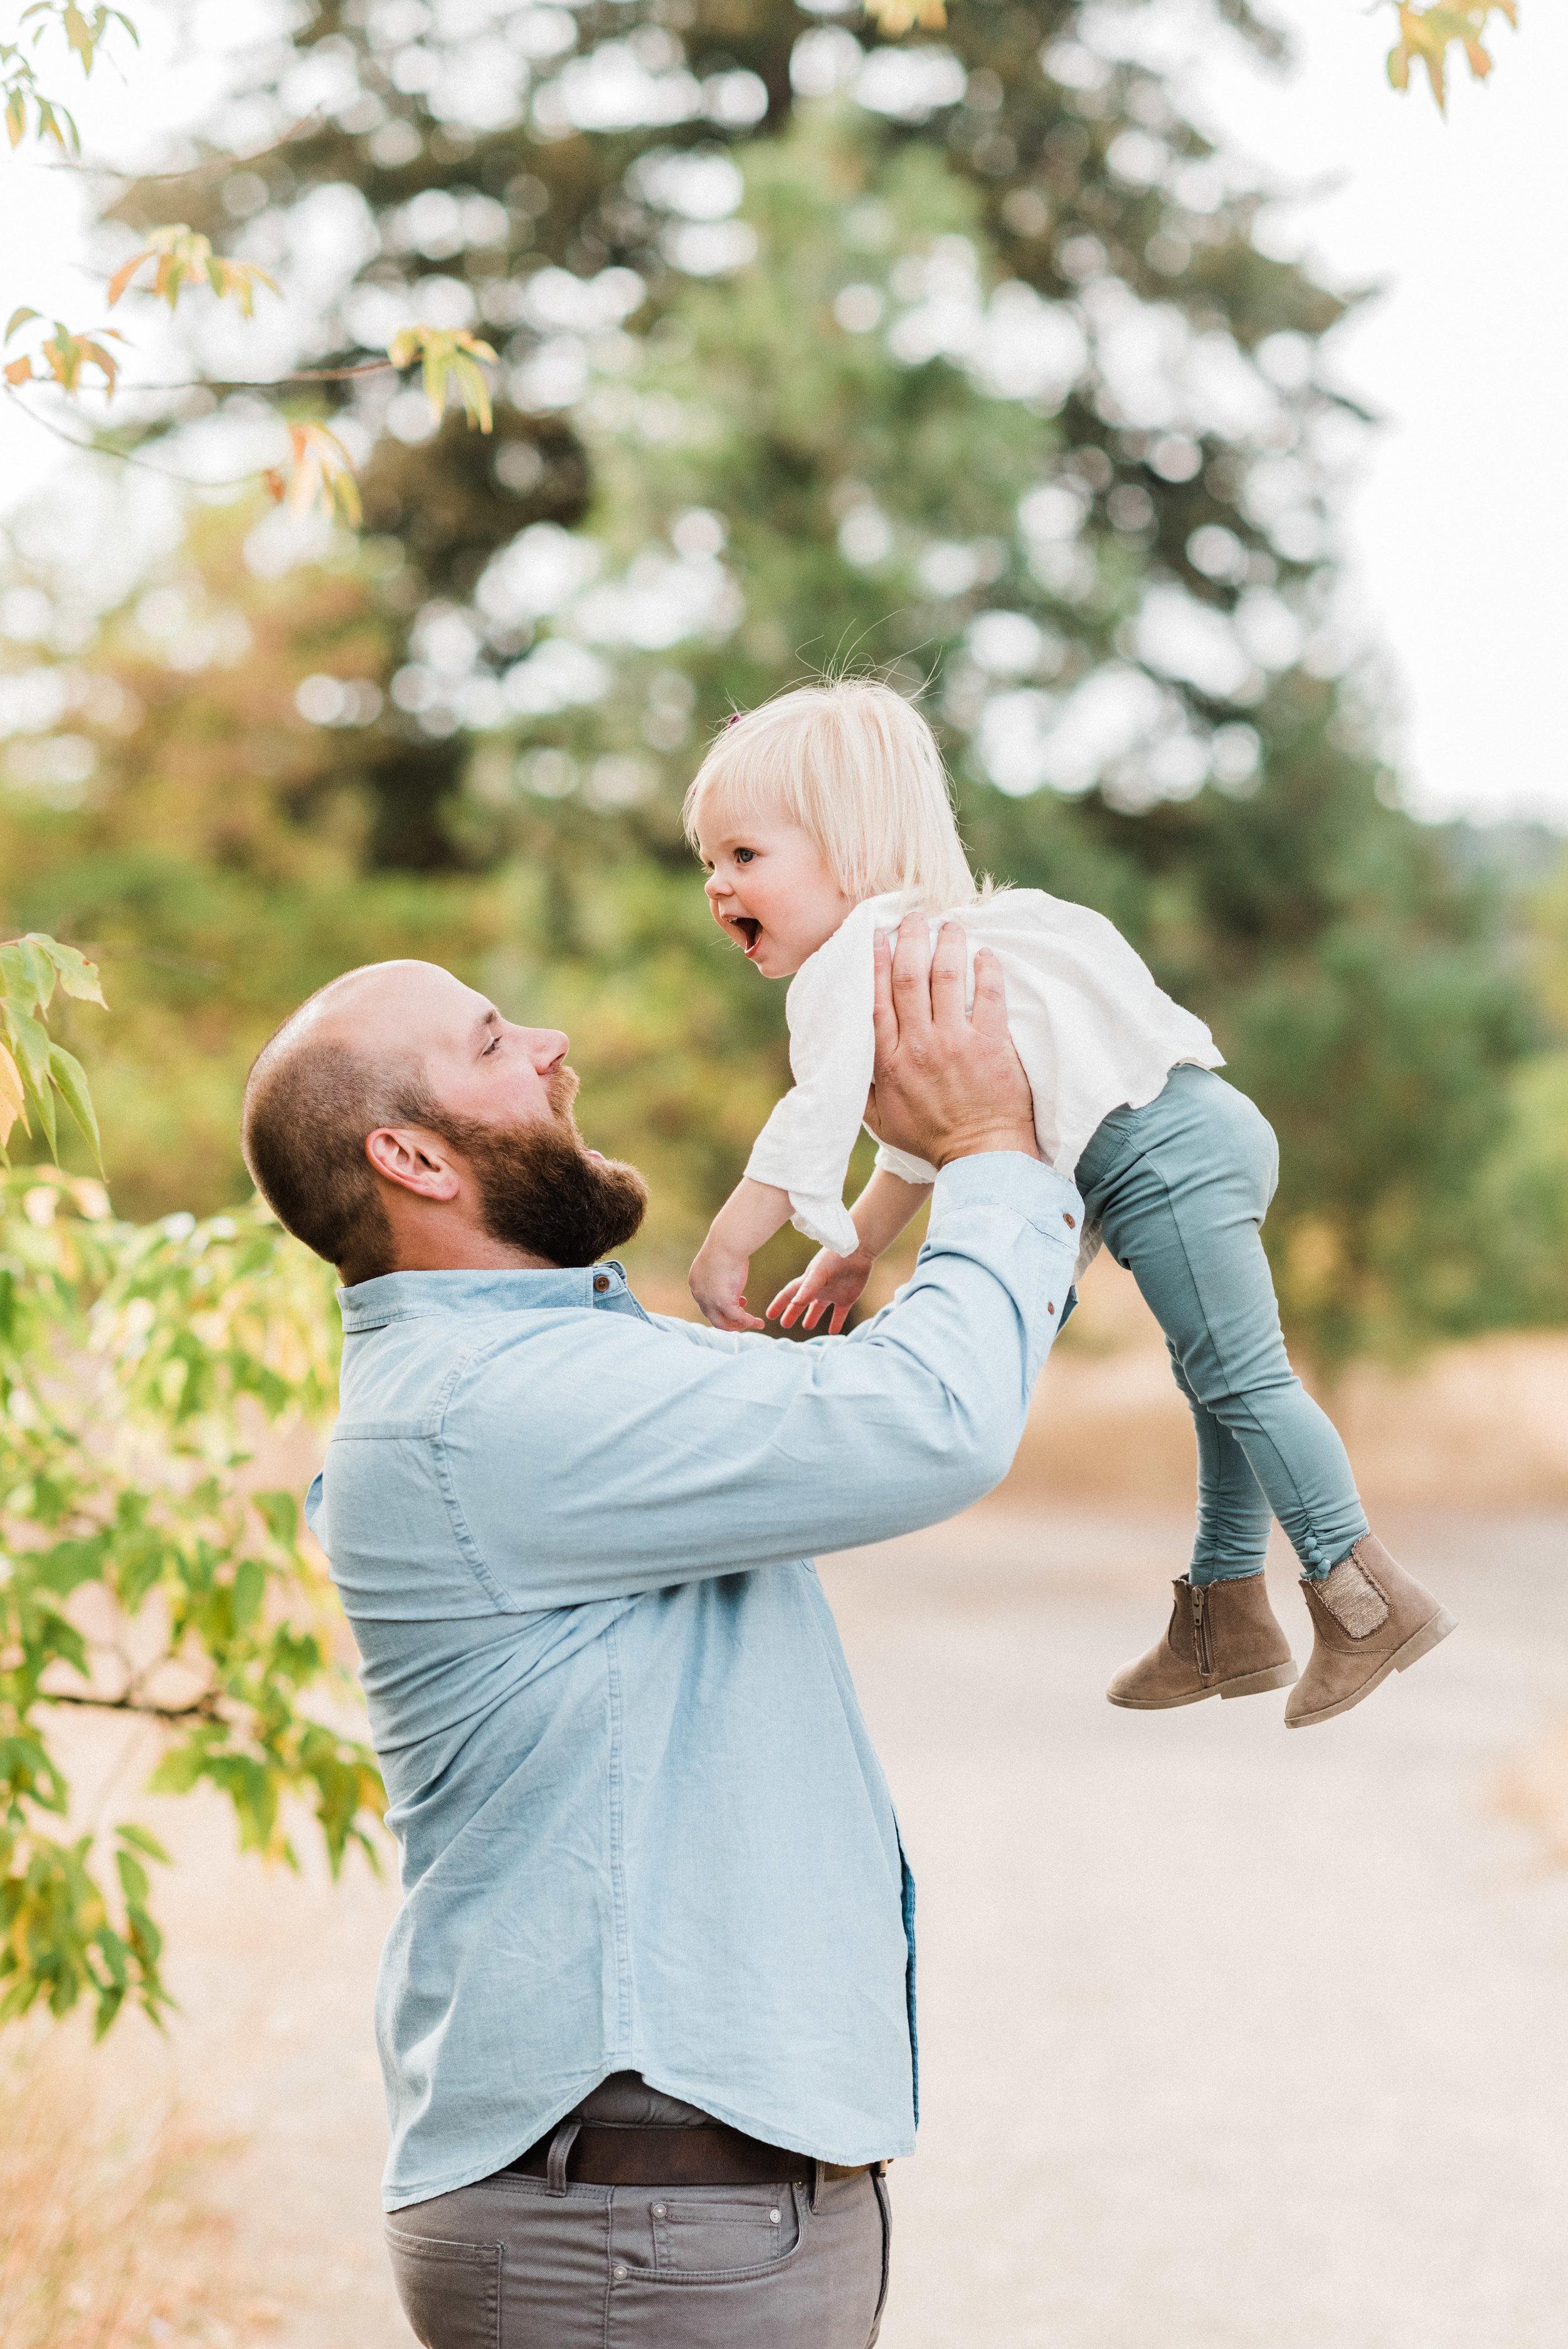 spokane_fall_family_maternity_session (8 of 16).jpg